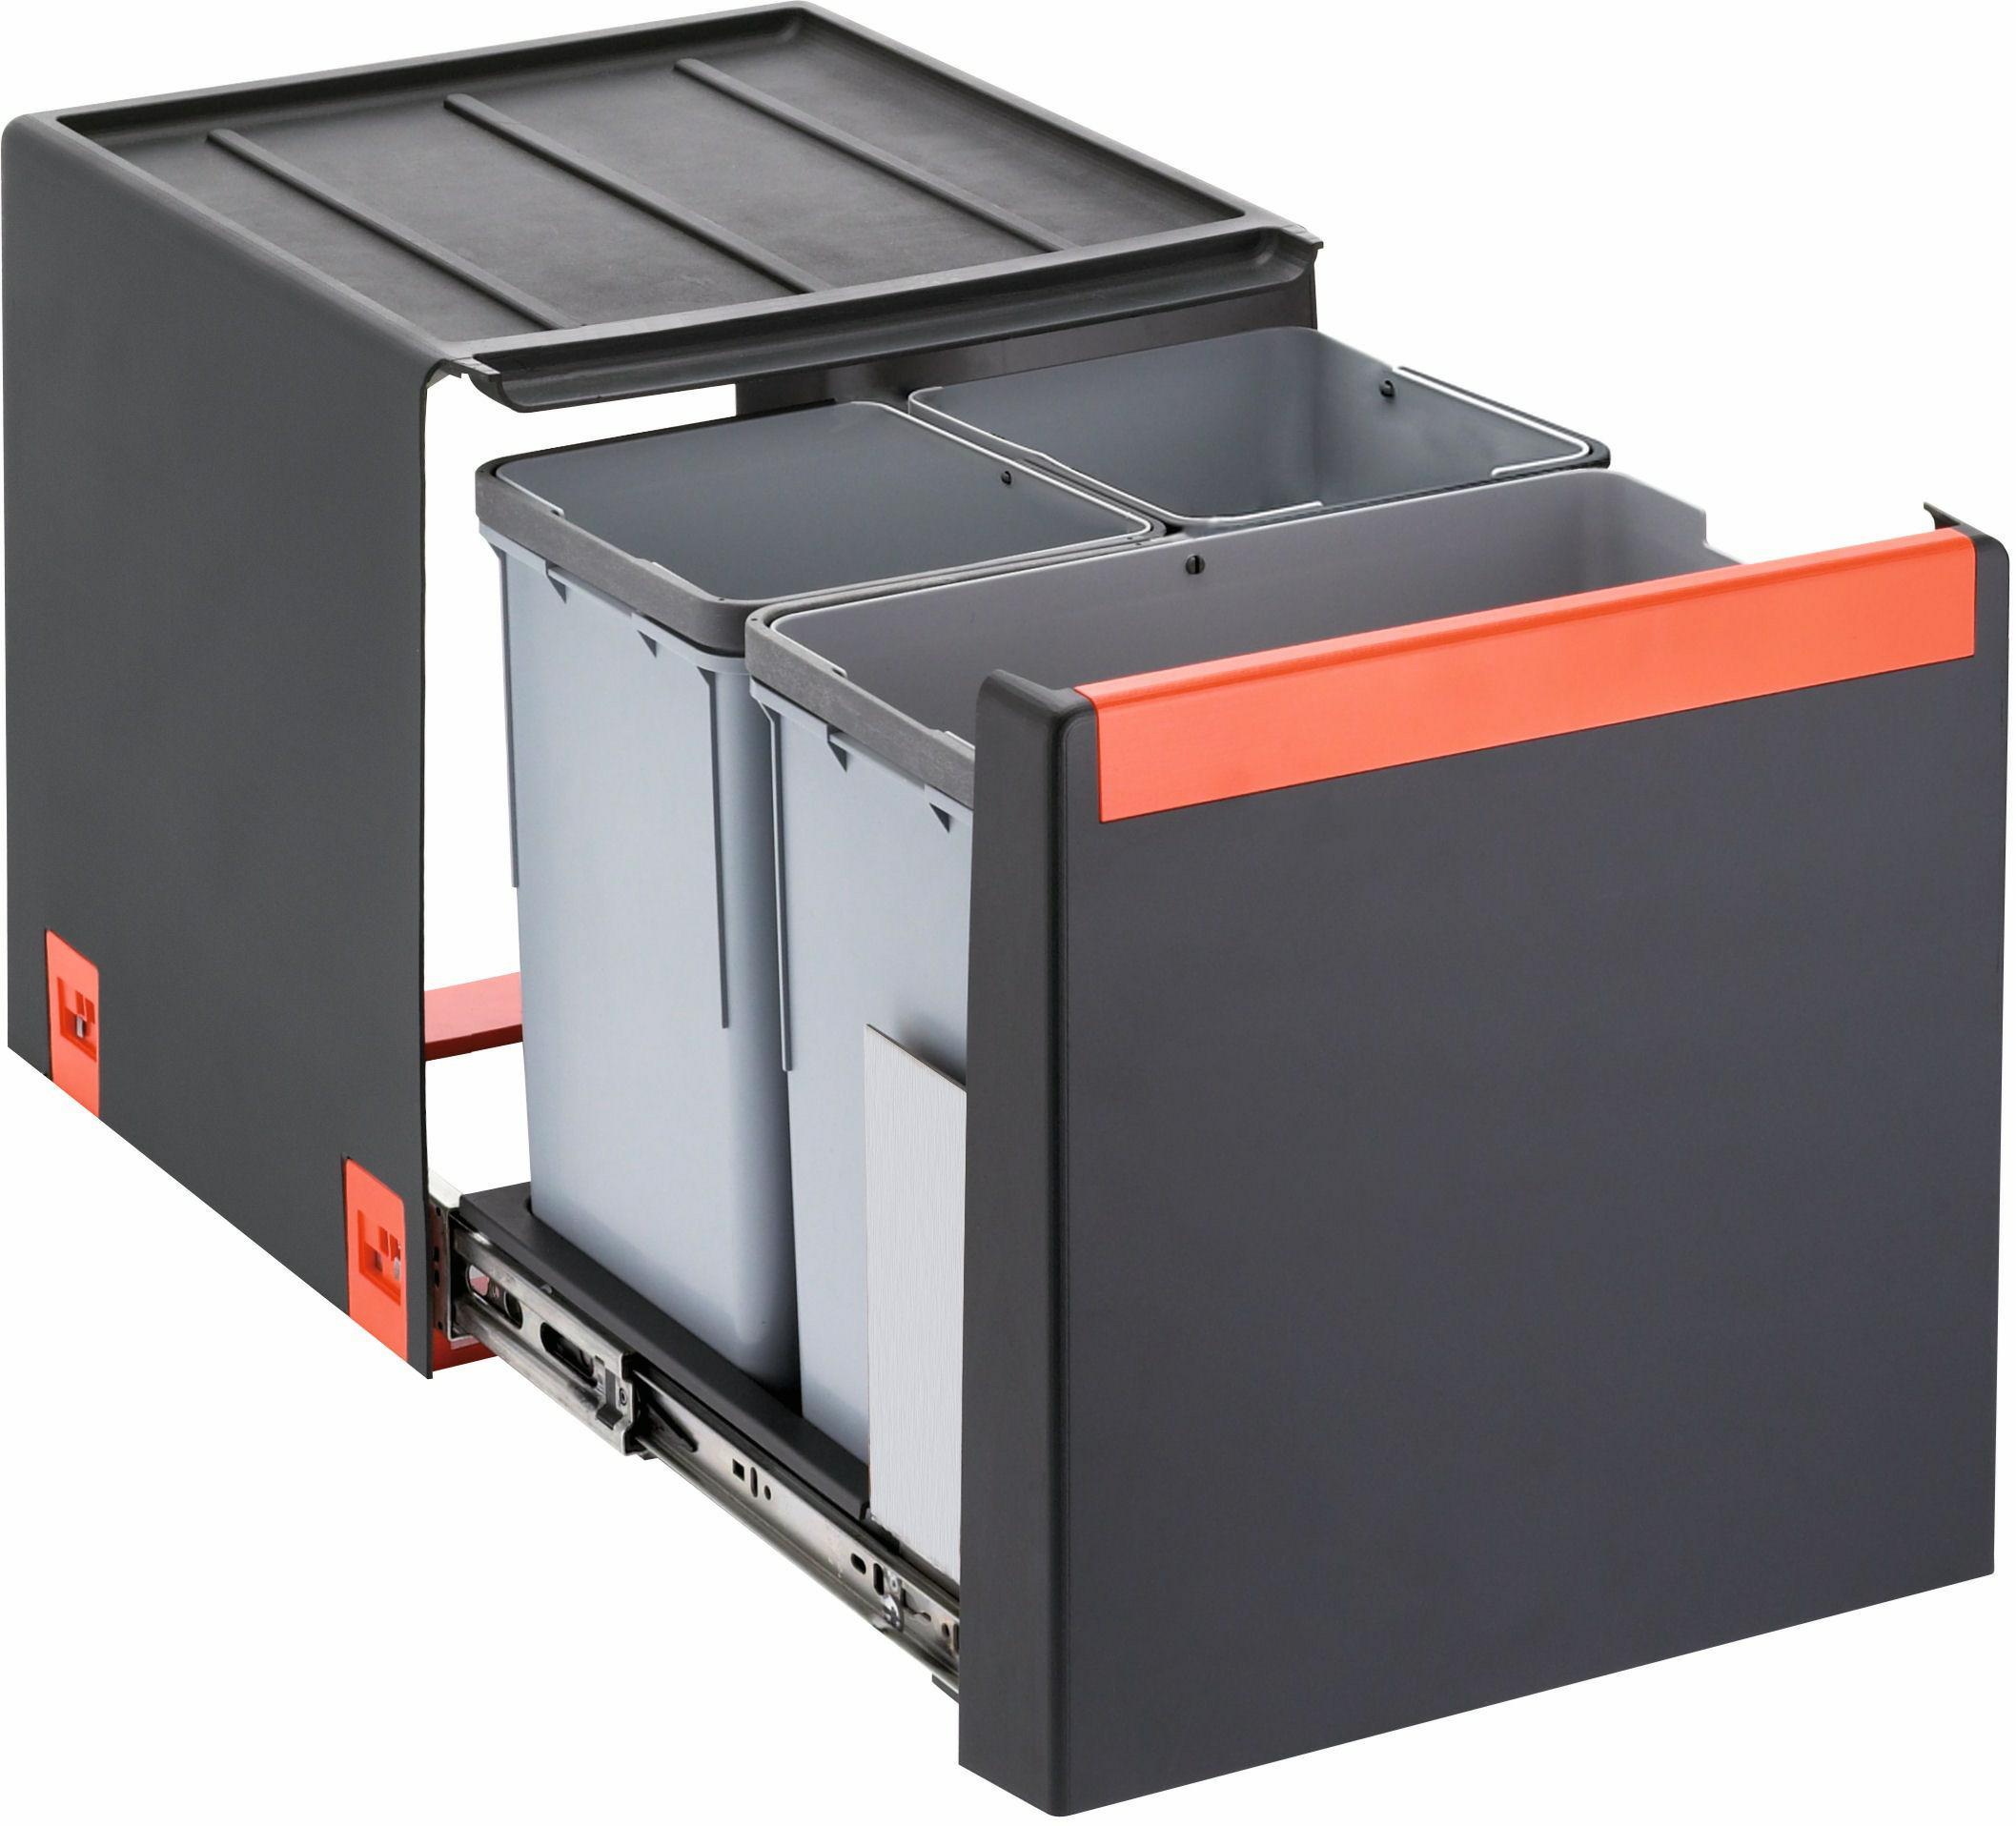 Cube 40 afvalsorteersysteem